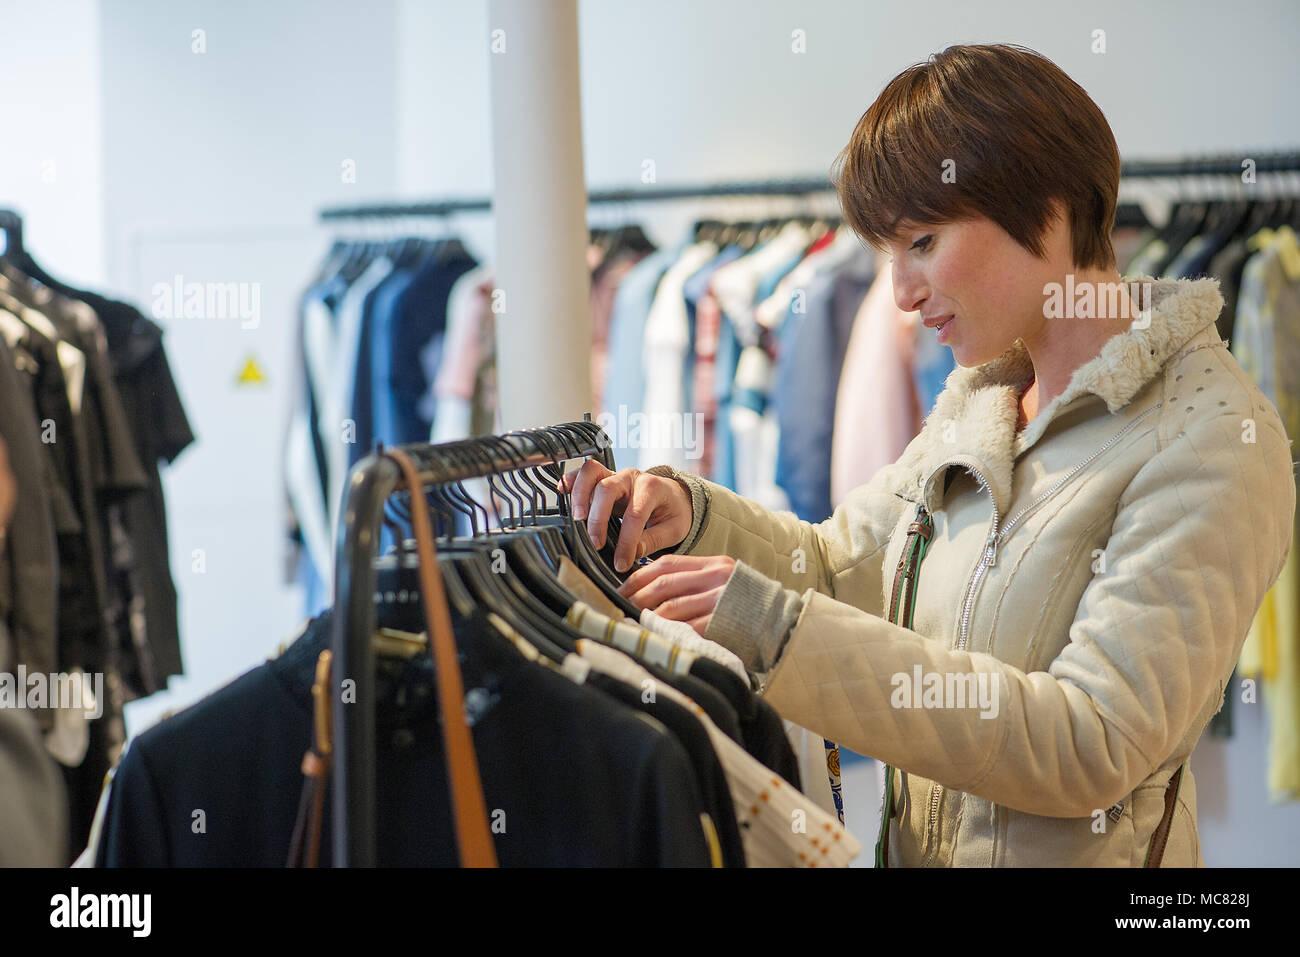 Compras en tienda de ropa de mujer Imagen De Stock